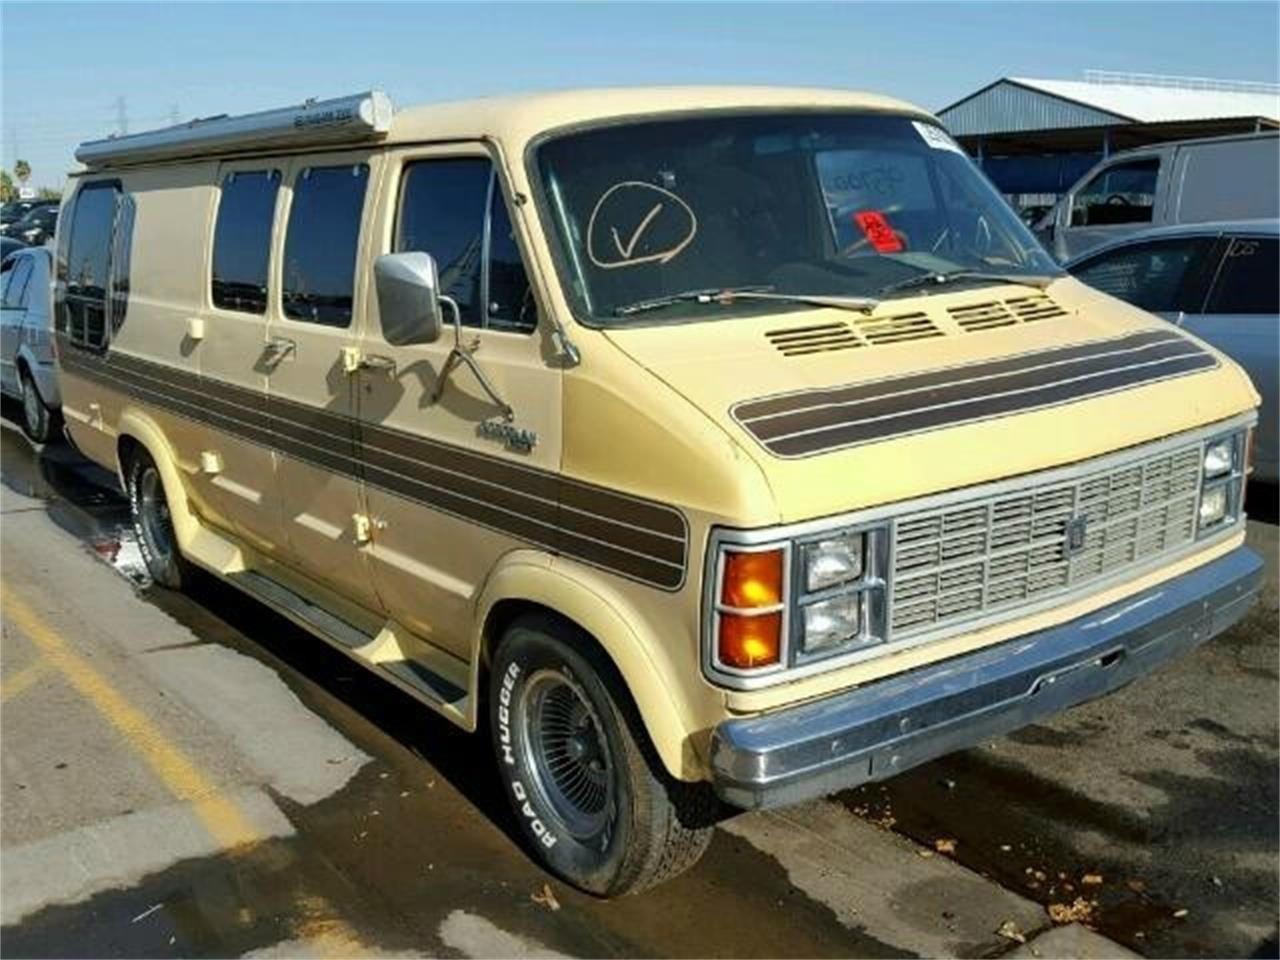 For Sale: 1979 Dodge Van in Ontario, California